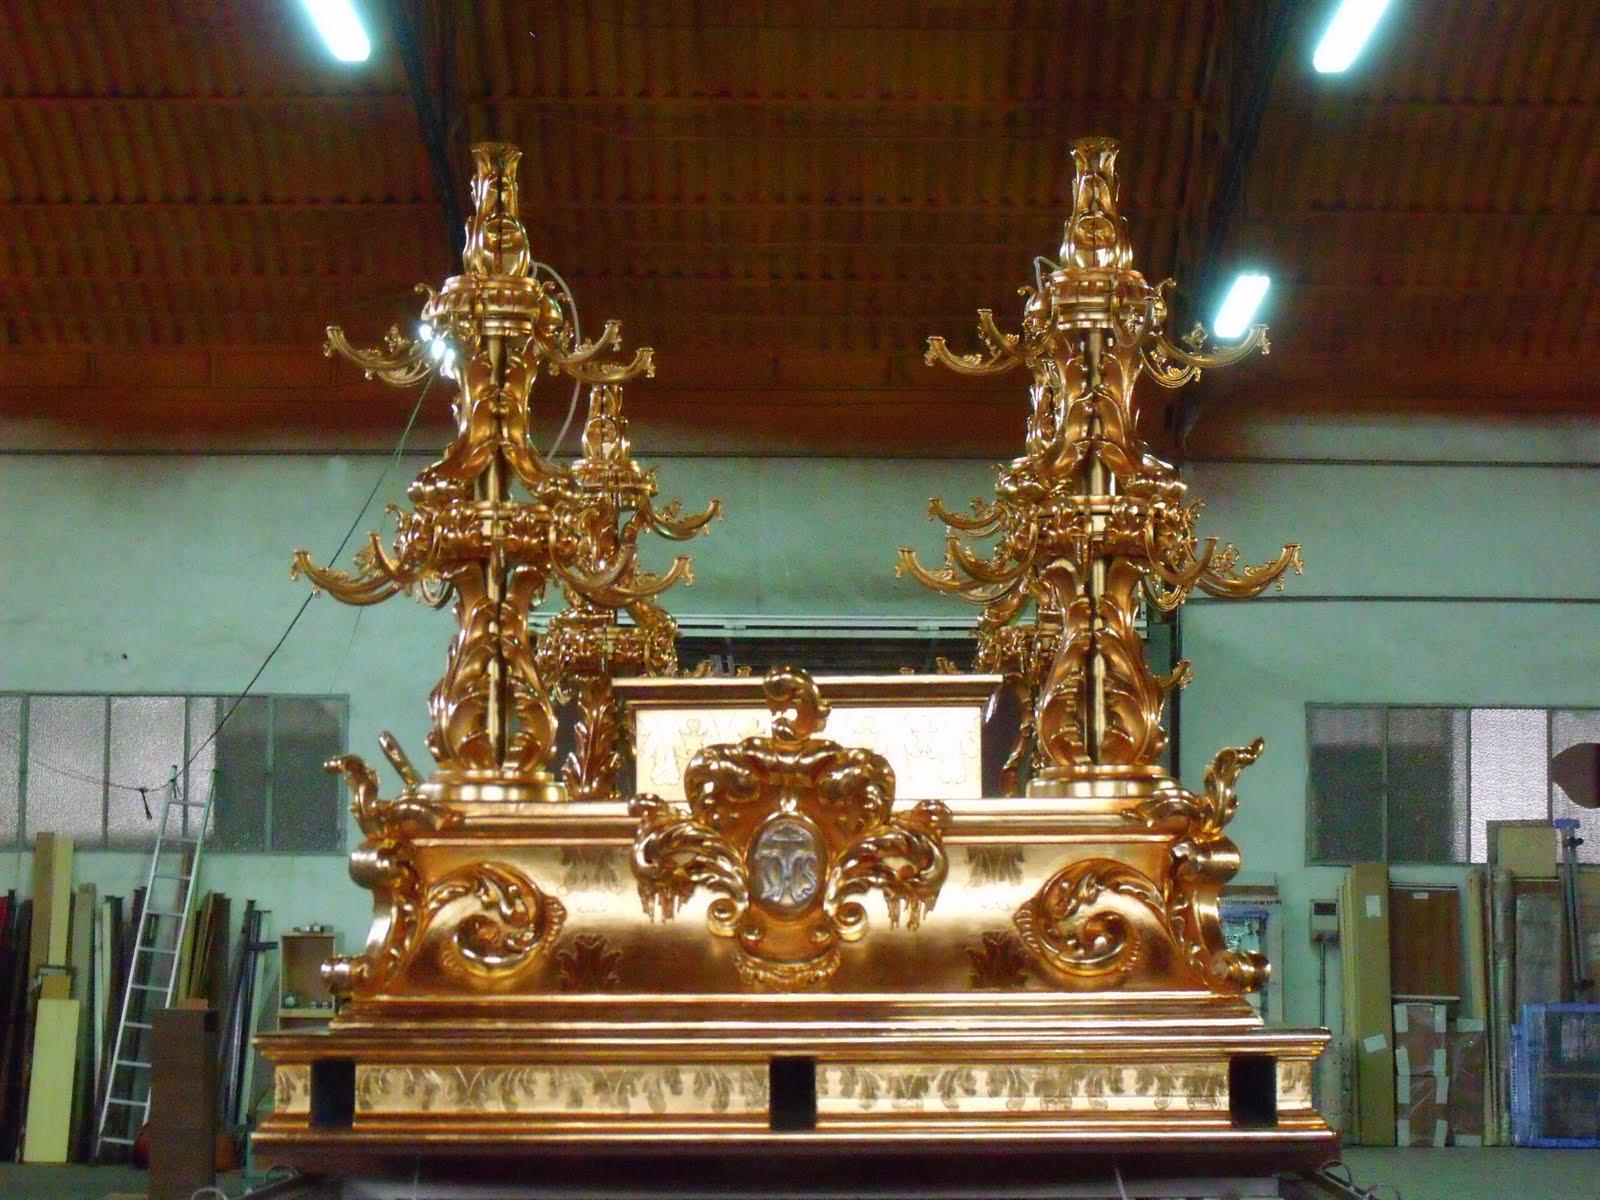 Hijos de esteban jimenez s l restauracion y dorado for Muebles jimenez baza